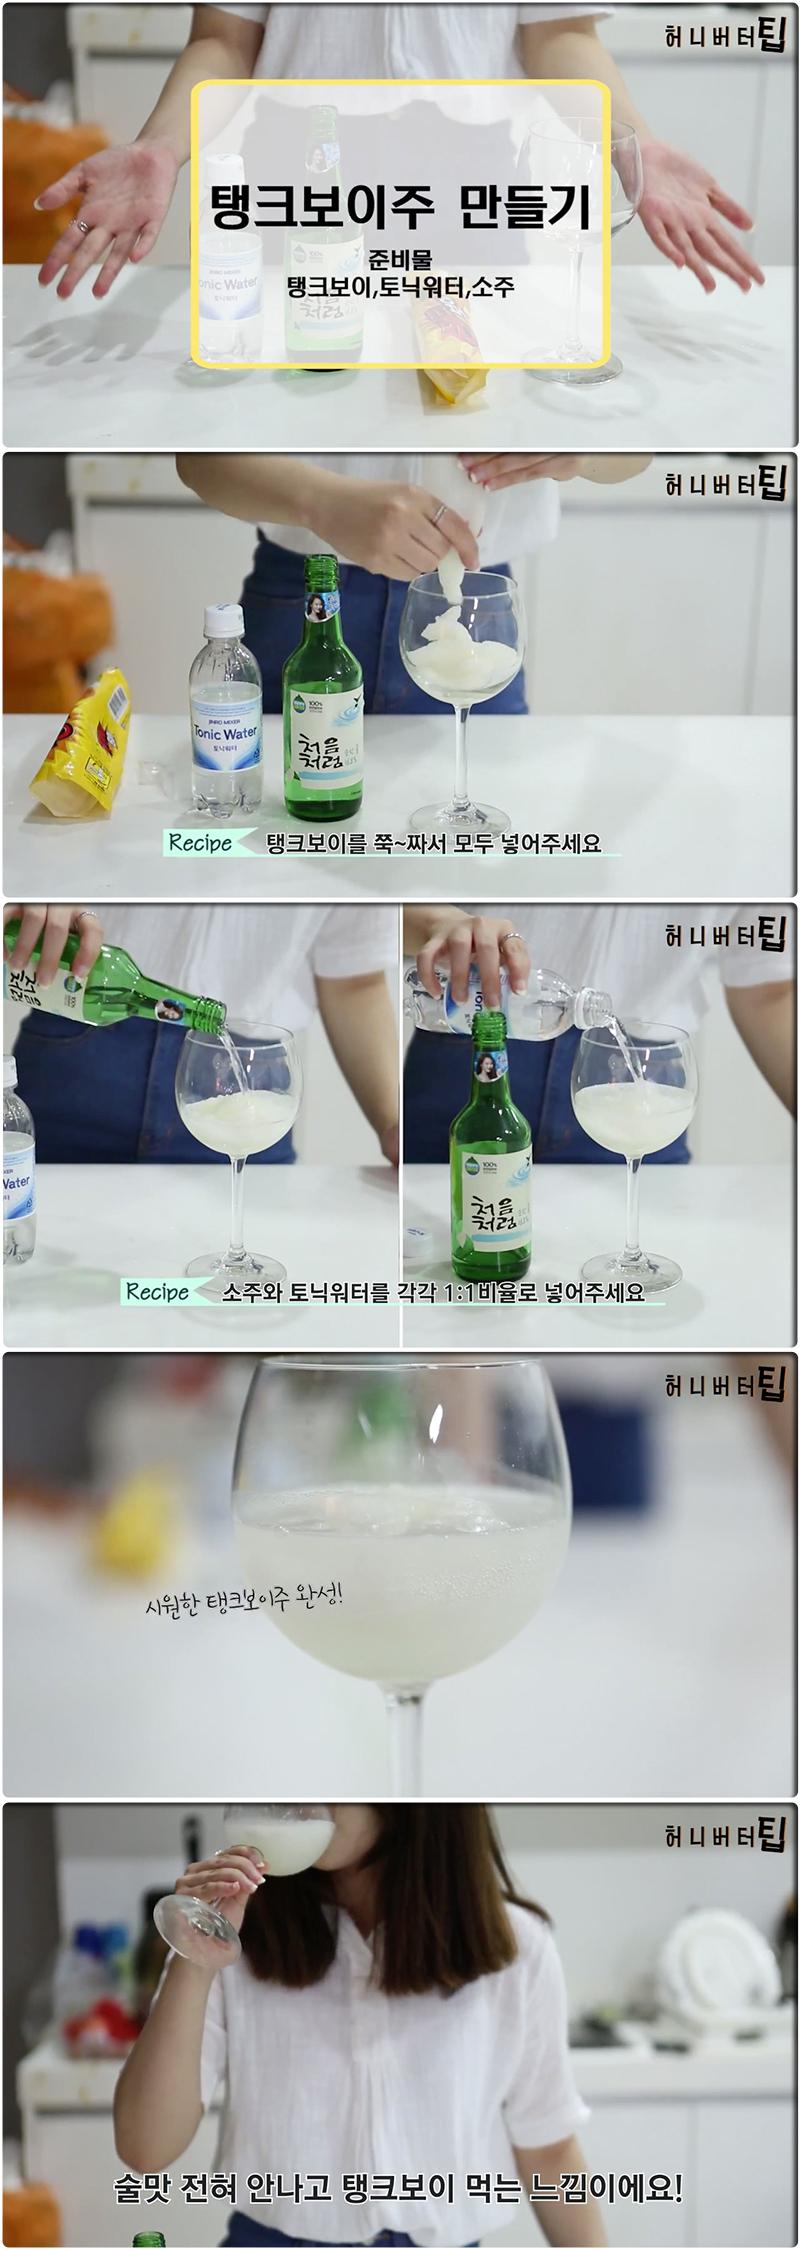 cocktail-recipe-3000-06